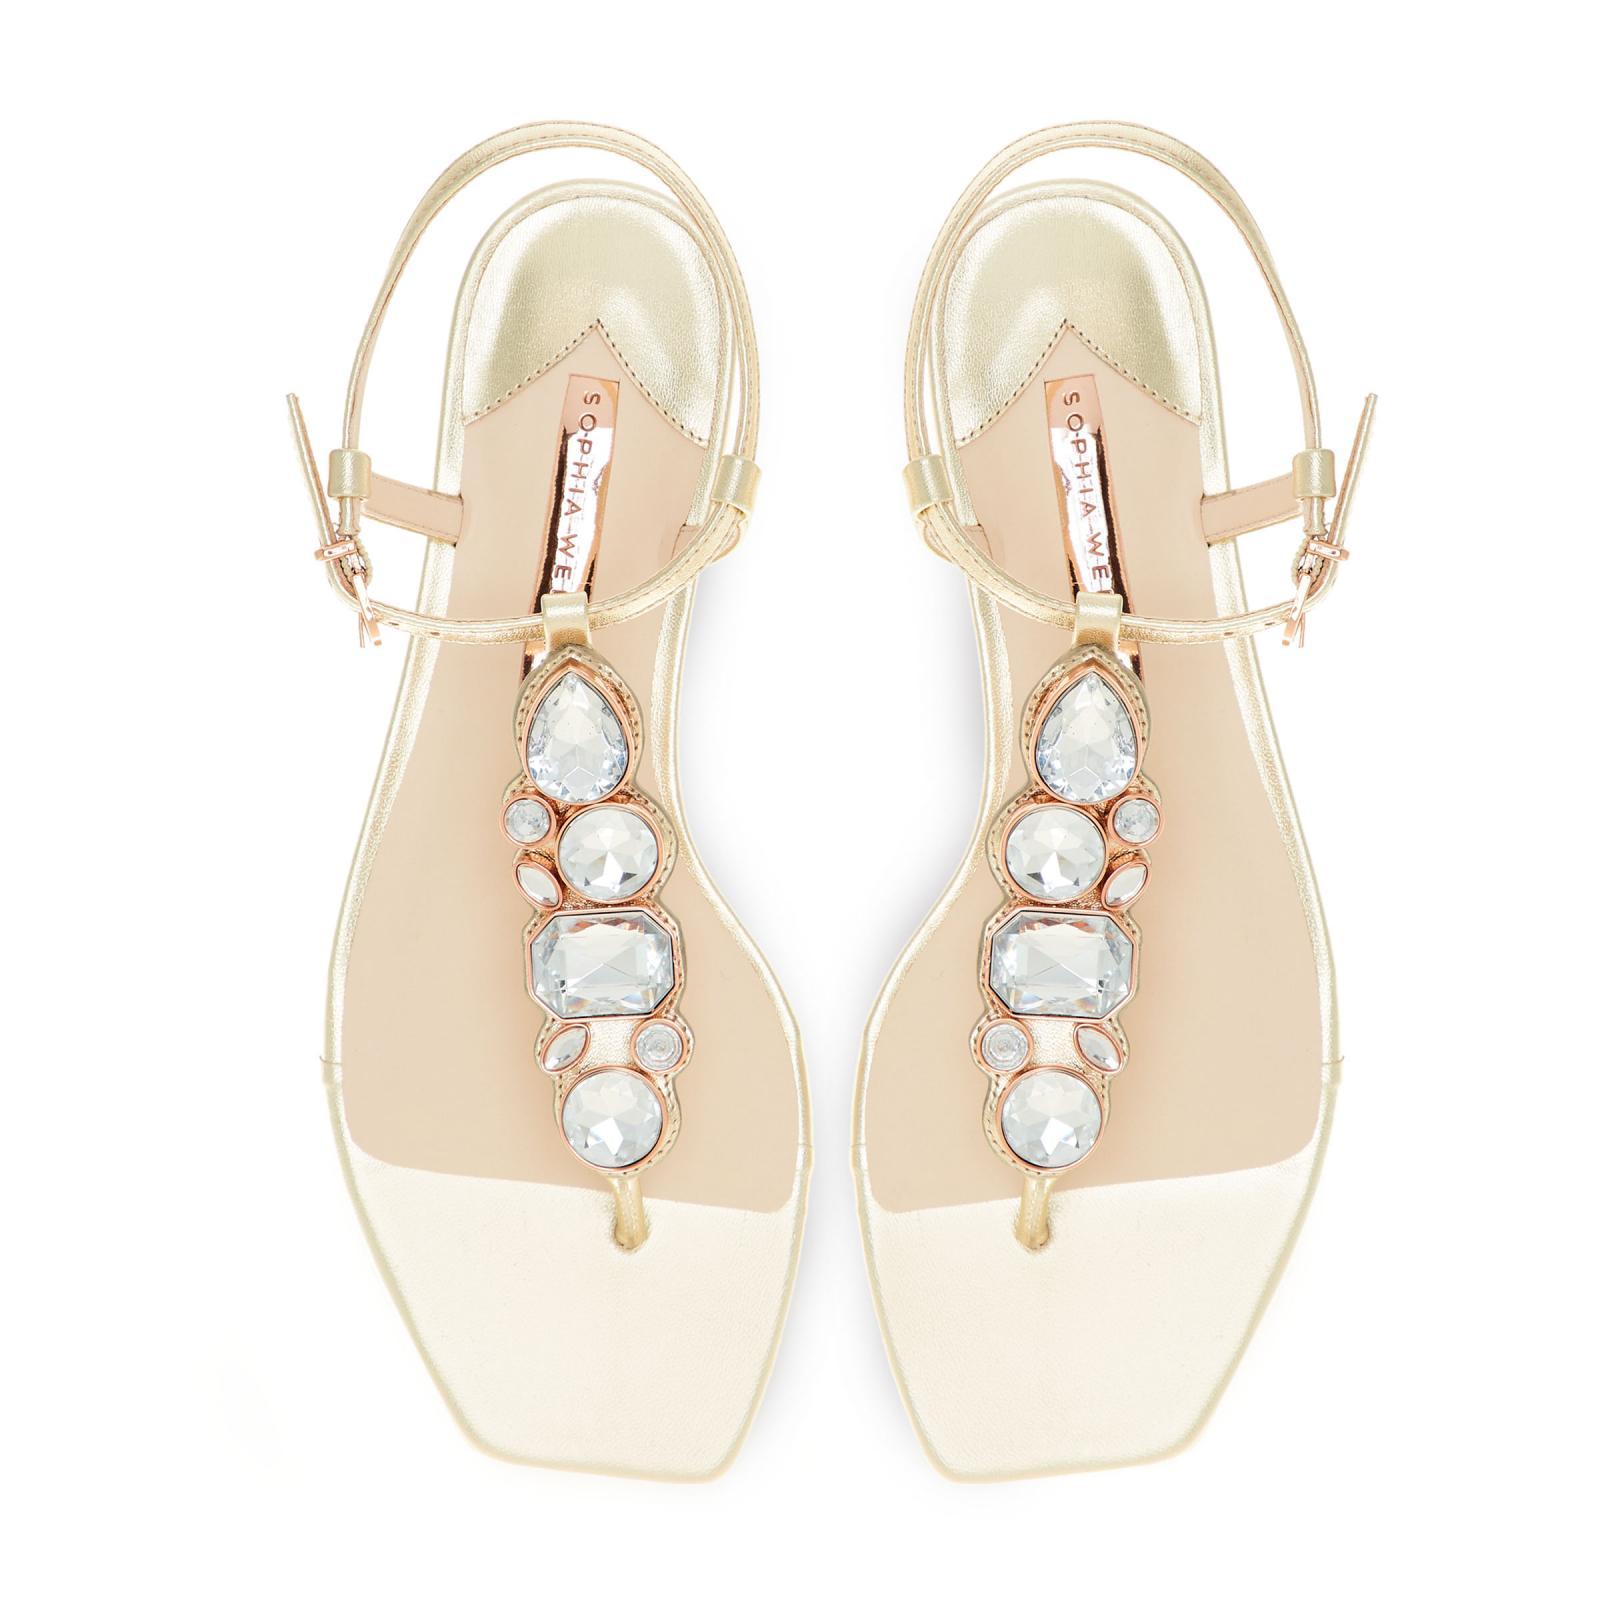 RITZY FLAT SANDAL Una delle nostre scarpe più luccicanti fino ad oggi, vorremmo presentarvi, la Ritzy. Questo sandalo flat è realizzato con una tomaia in pelle color champagne, rifinita con grandi gemme argentate.